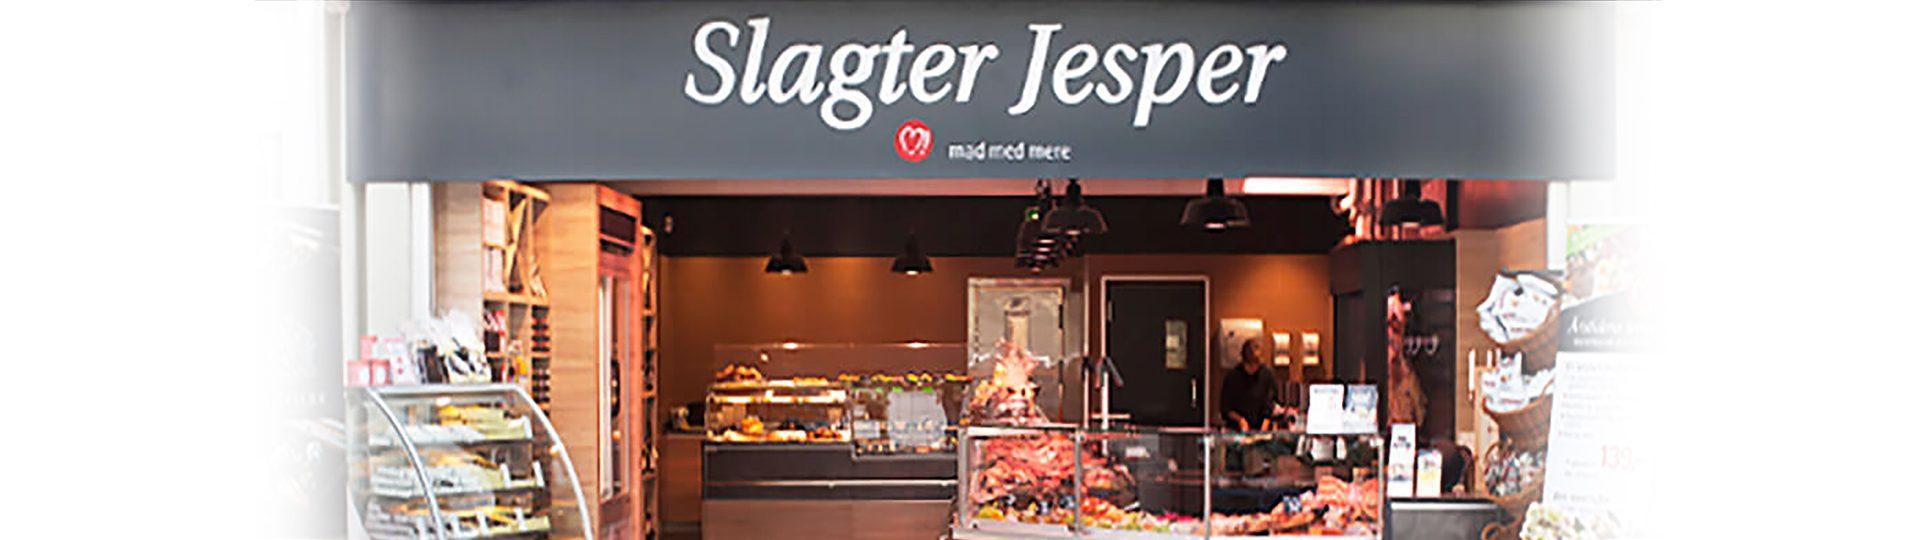 slagter jesper